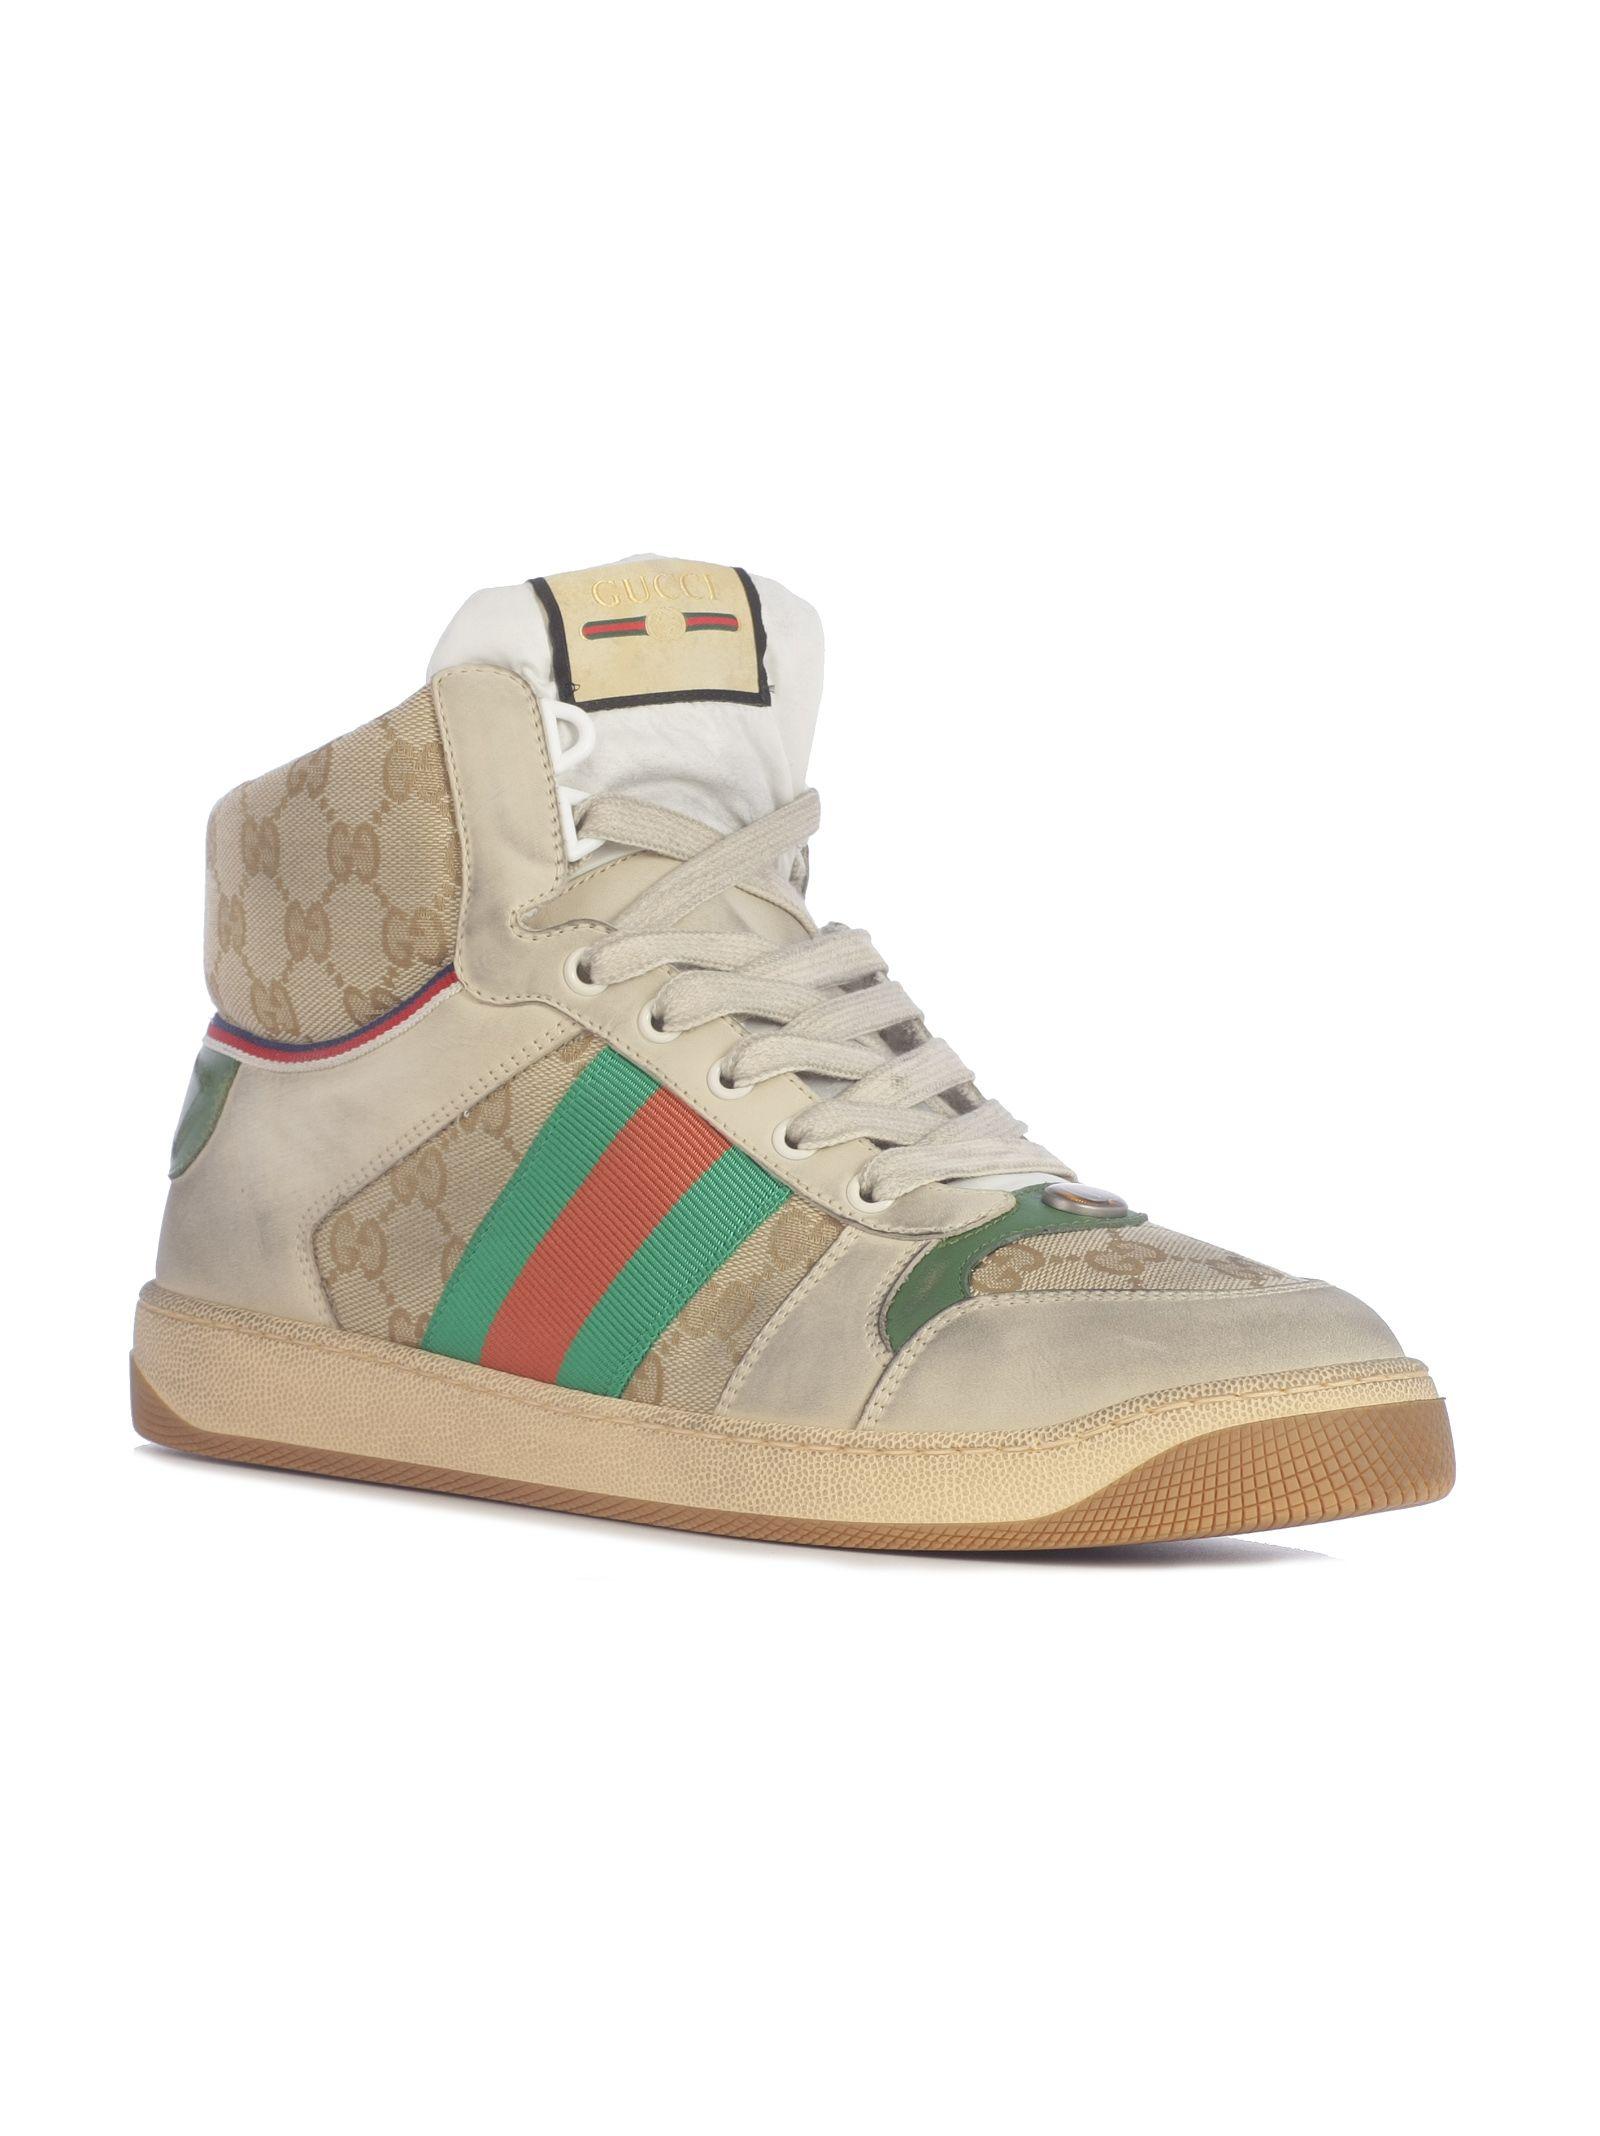 c9f968064bd Gucci Gucci Screener Virtus Gg Hi-top Sneakers - Basic - 10889471 ...